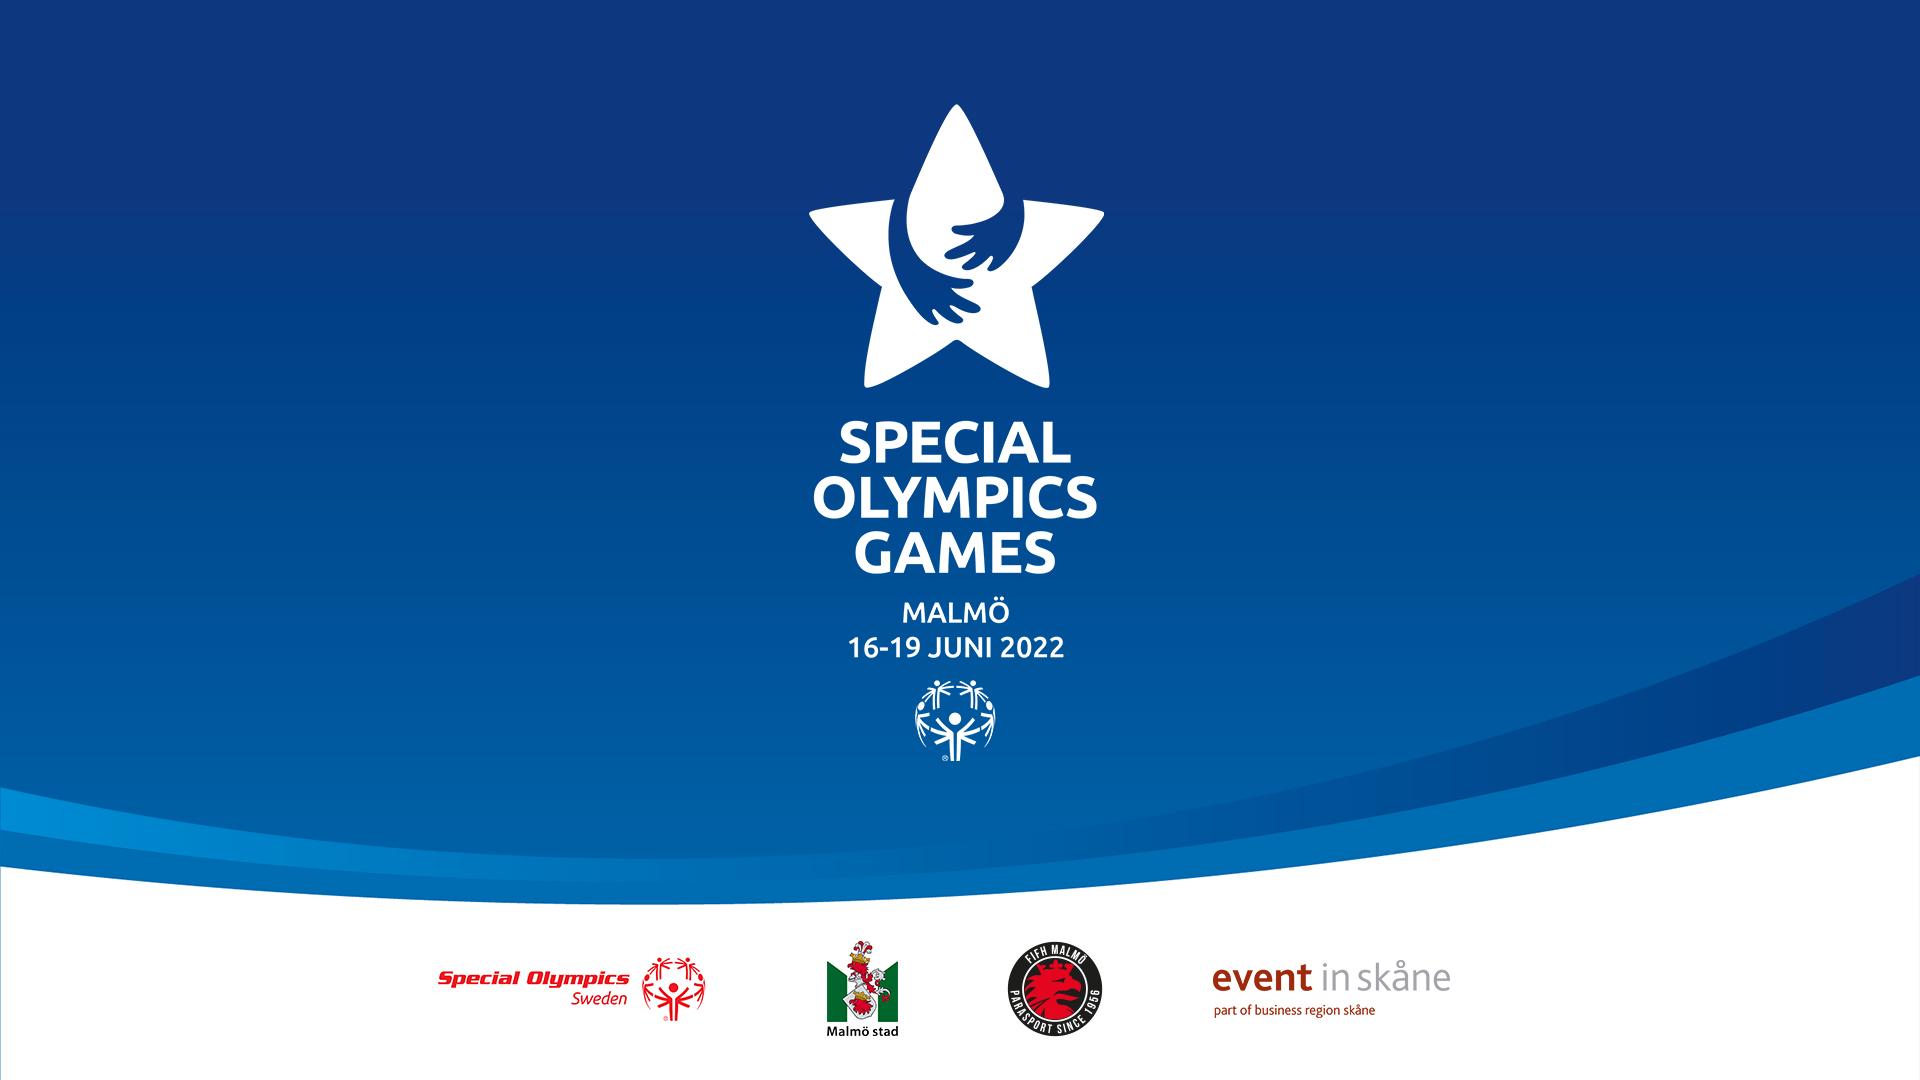 Special Olympics Games logotyp syns mot en blå bakgrund. På den vita kanten nedtill presenteras arrangörerna av spelen med sina logotyper. Från vänster syns Special Olympics Sverige, Malmö Stad, FIFH Malmö och Event in Skåne.